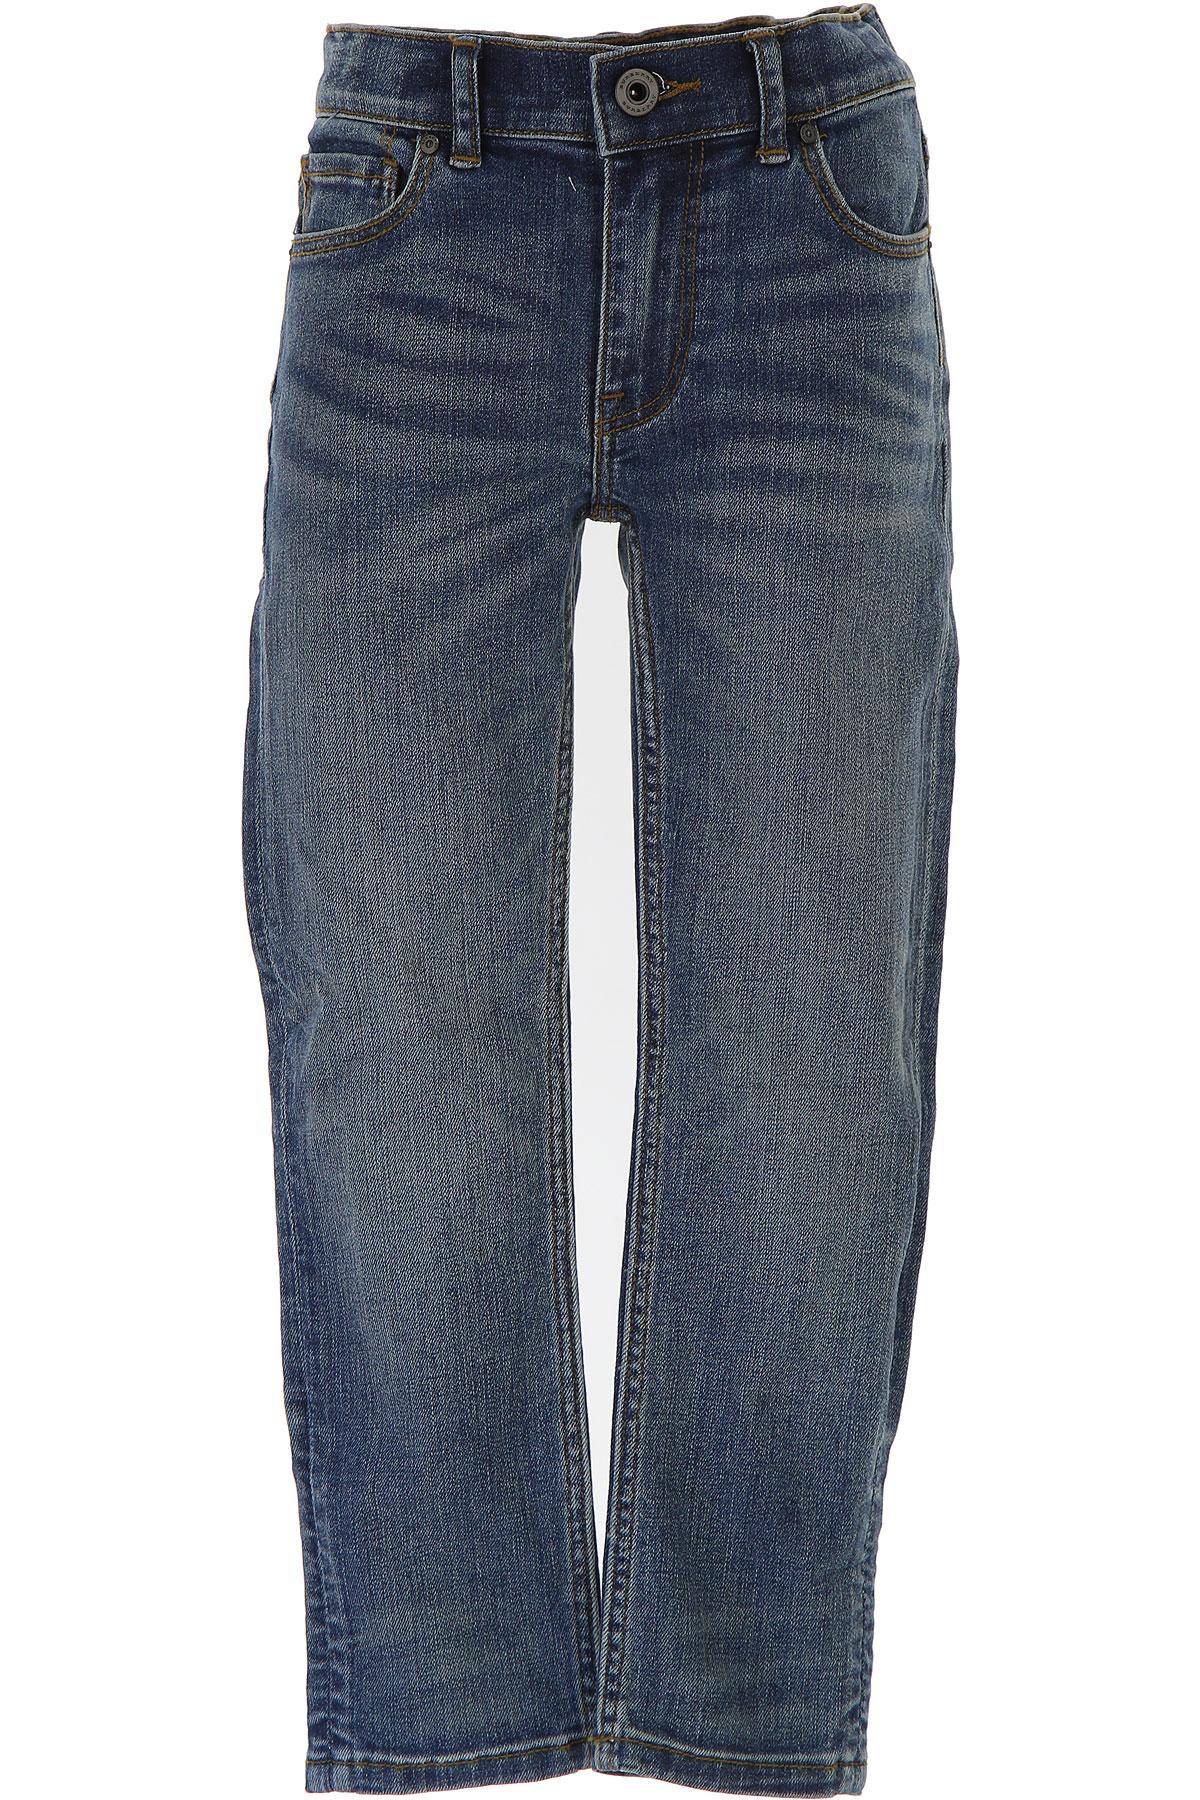 Image of Burberry Kids Jeans for Boys, Blue Denim, Cotton, 2017, 10Y 14Y 4Y 6Y 8Y